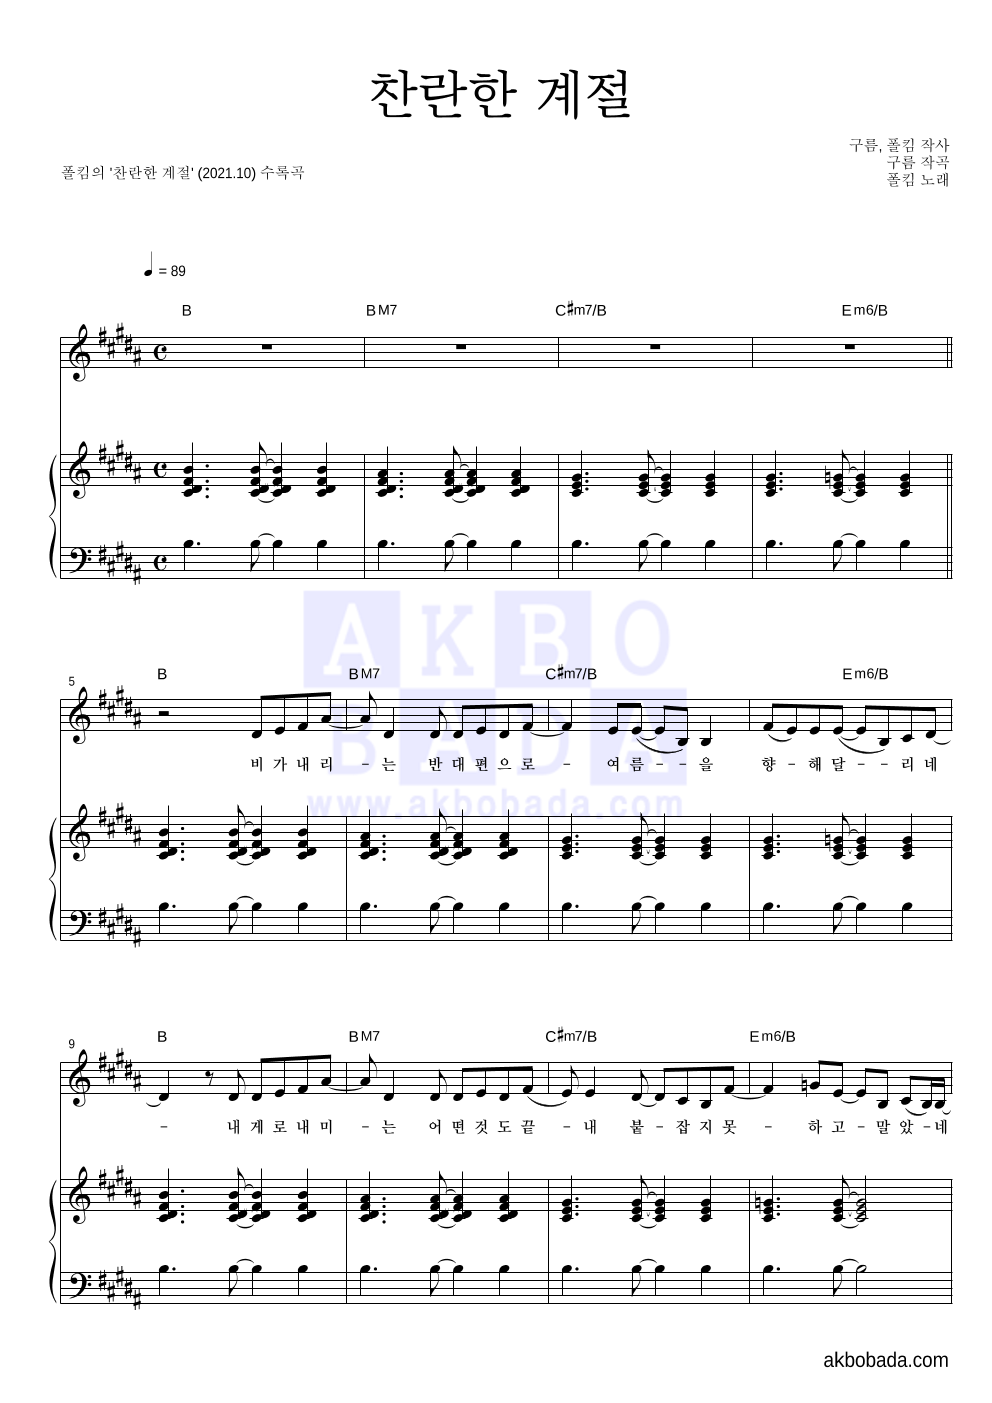 폴킴 - 찬란한 계절 피아노 3단 악보